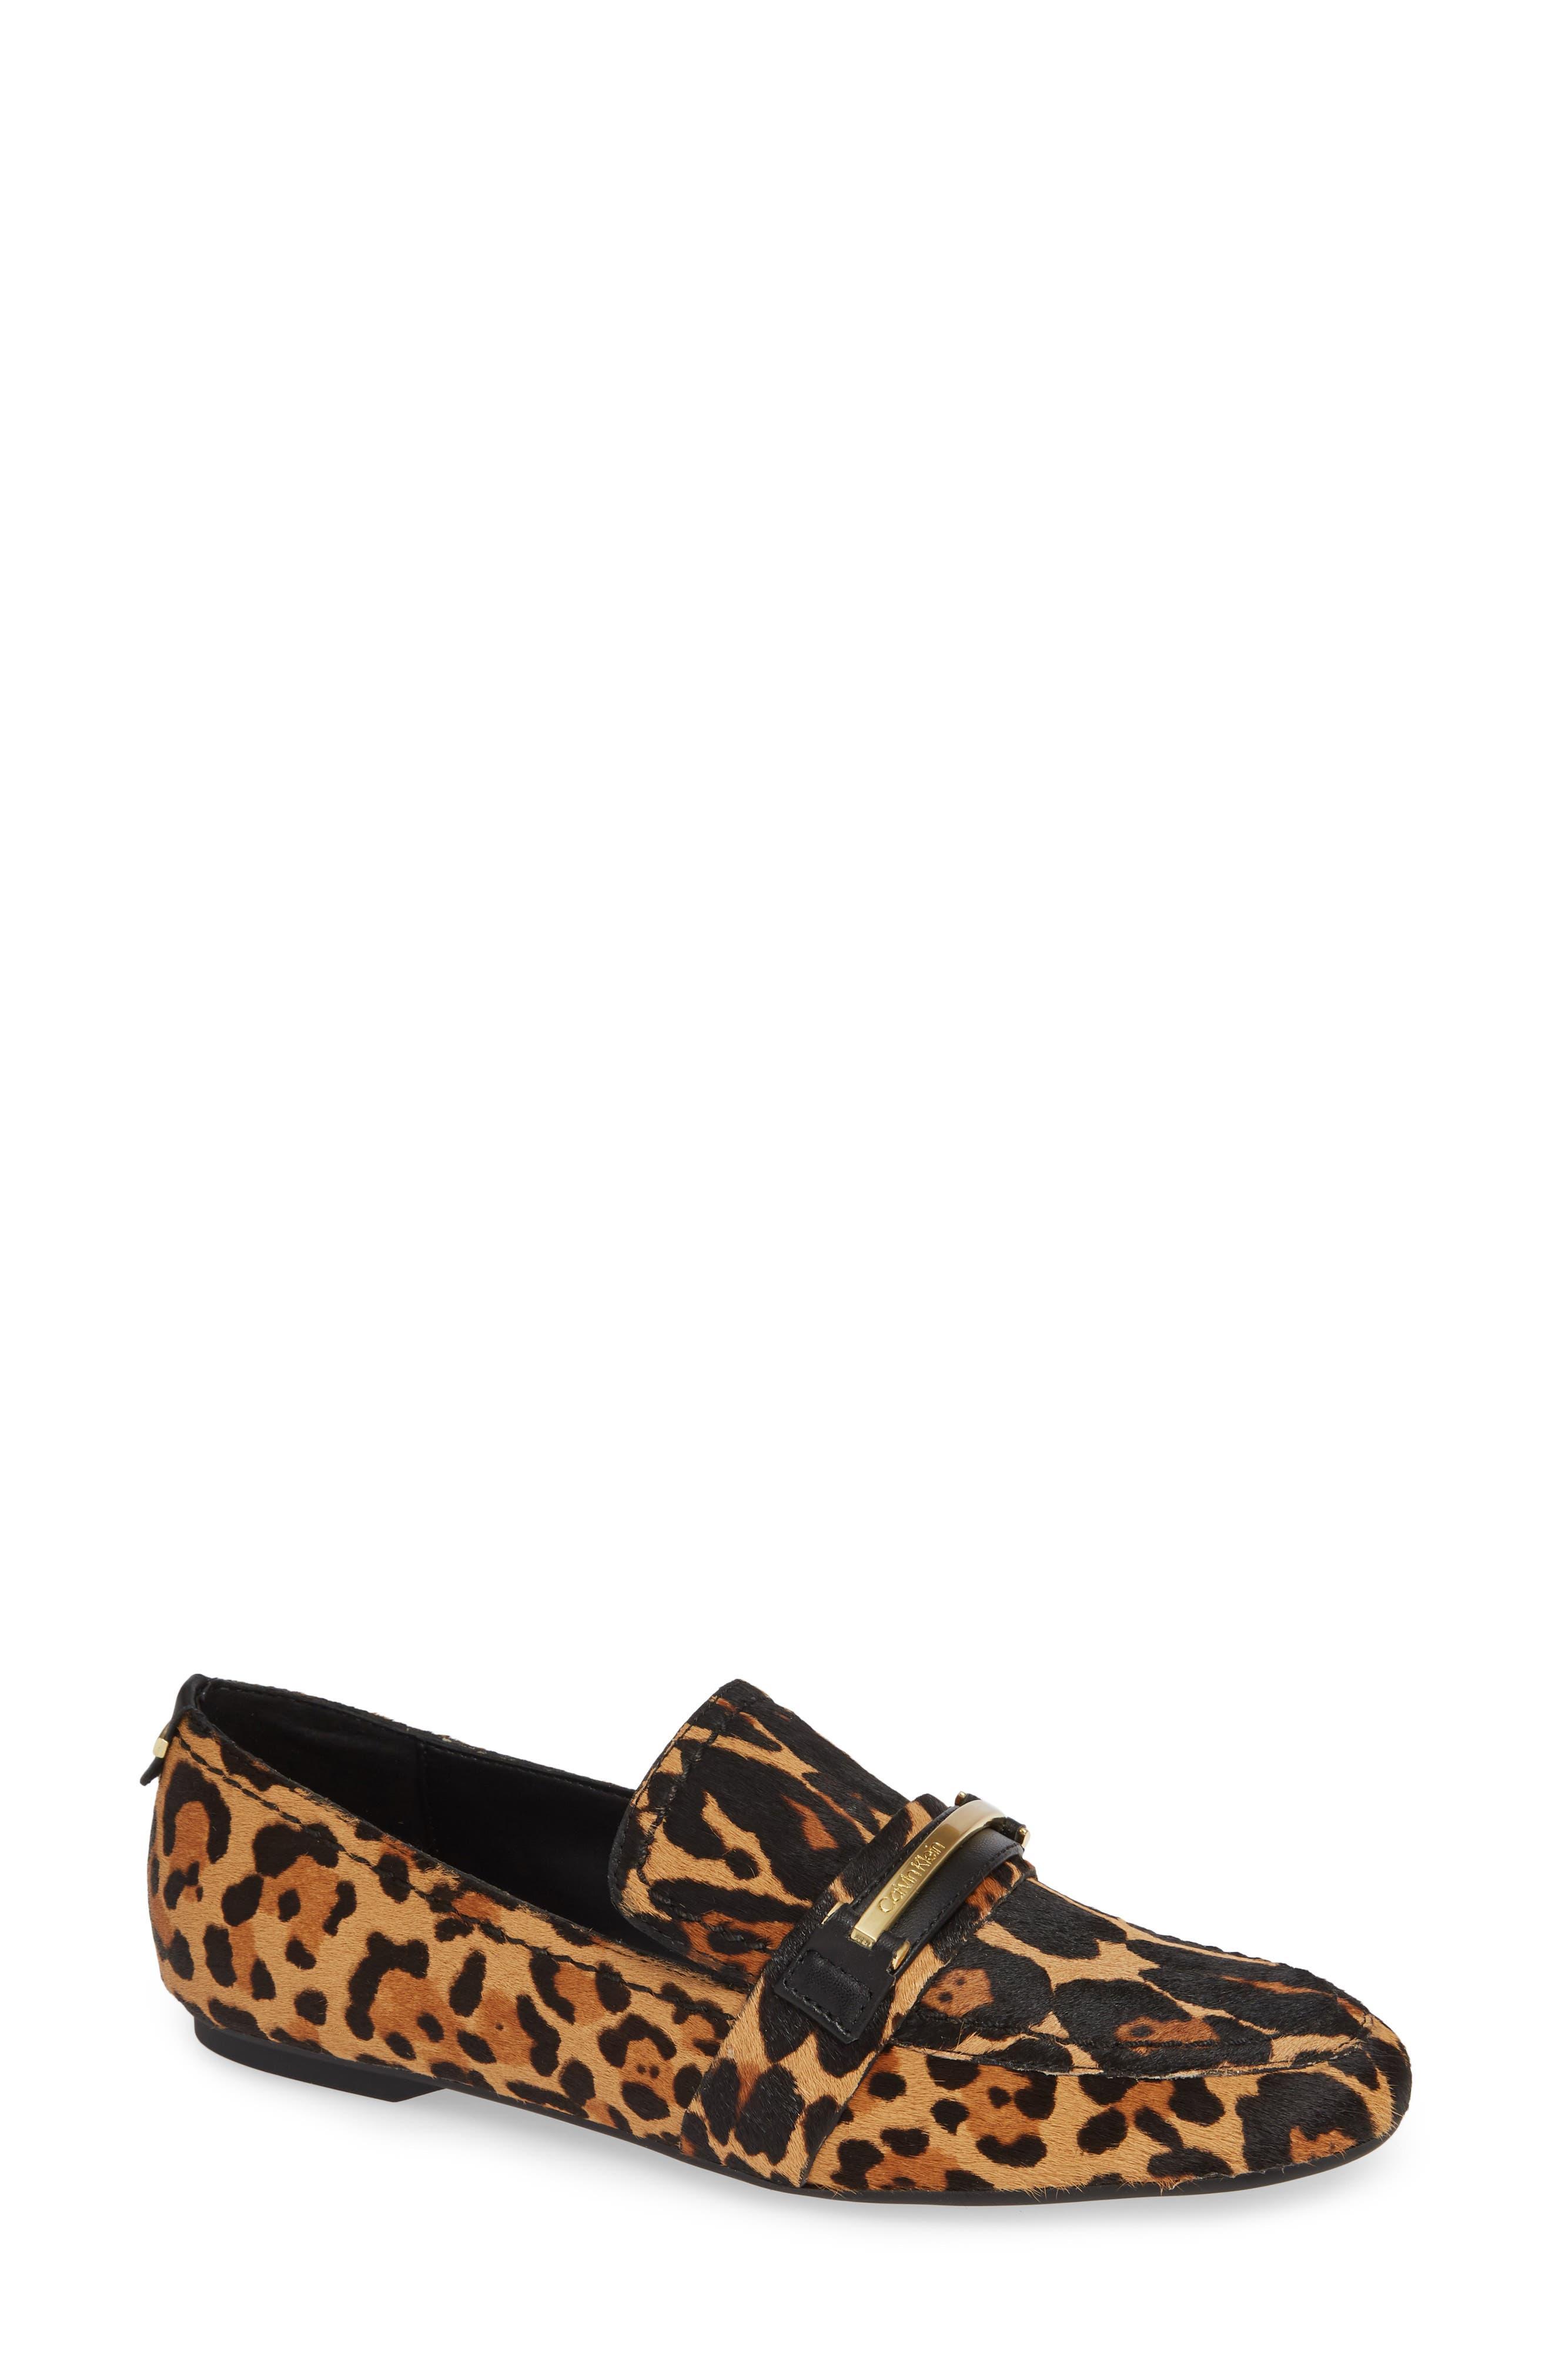 Orianna Genuine Calf Hair Loafer,                             Main thumbnail 1, color,                             LEOPARD CALF HAIR